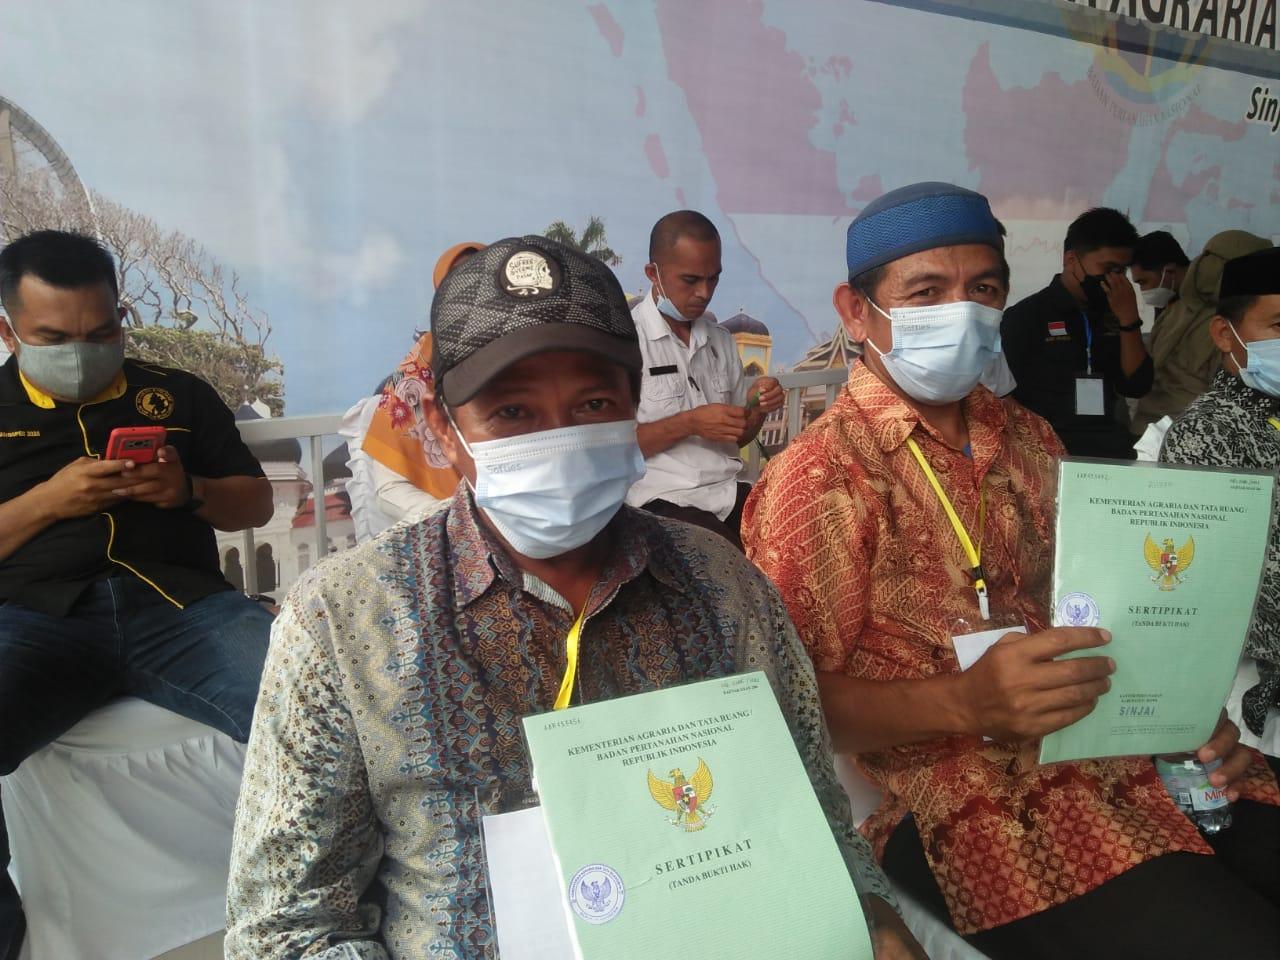 Urus Sertifikat Tanah Tidak Ribet, Warga Ini Akui Pelayanan Publik Pemda Sinjai